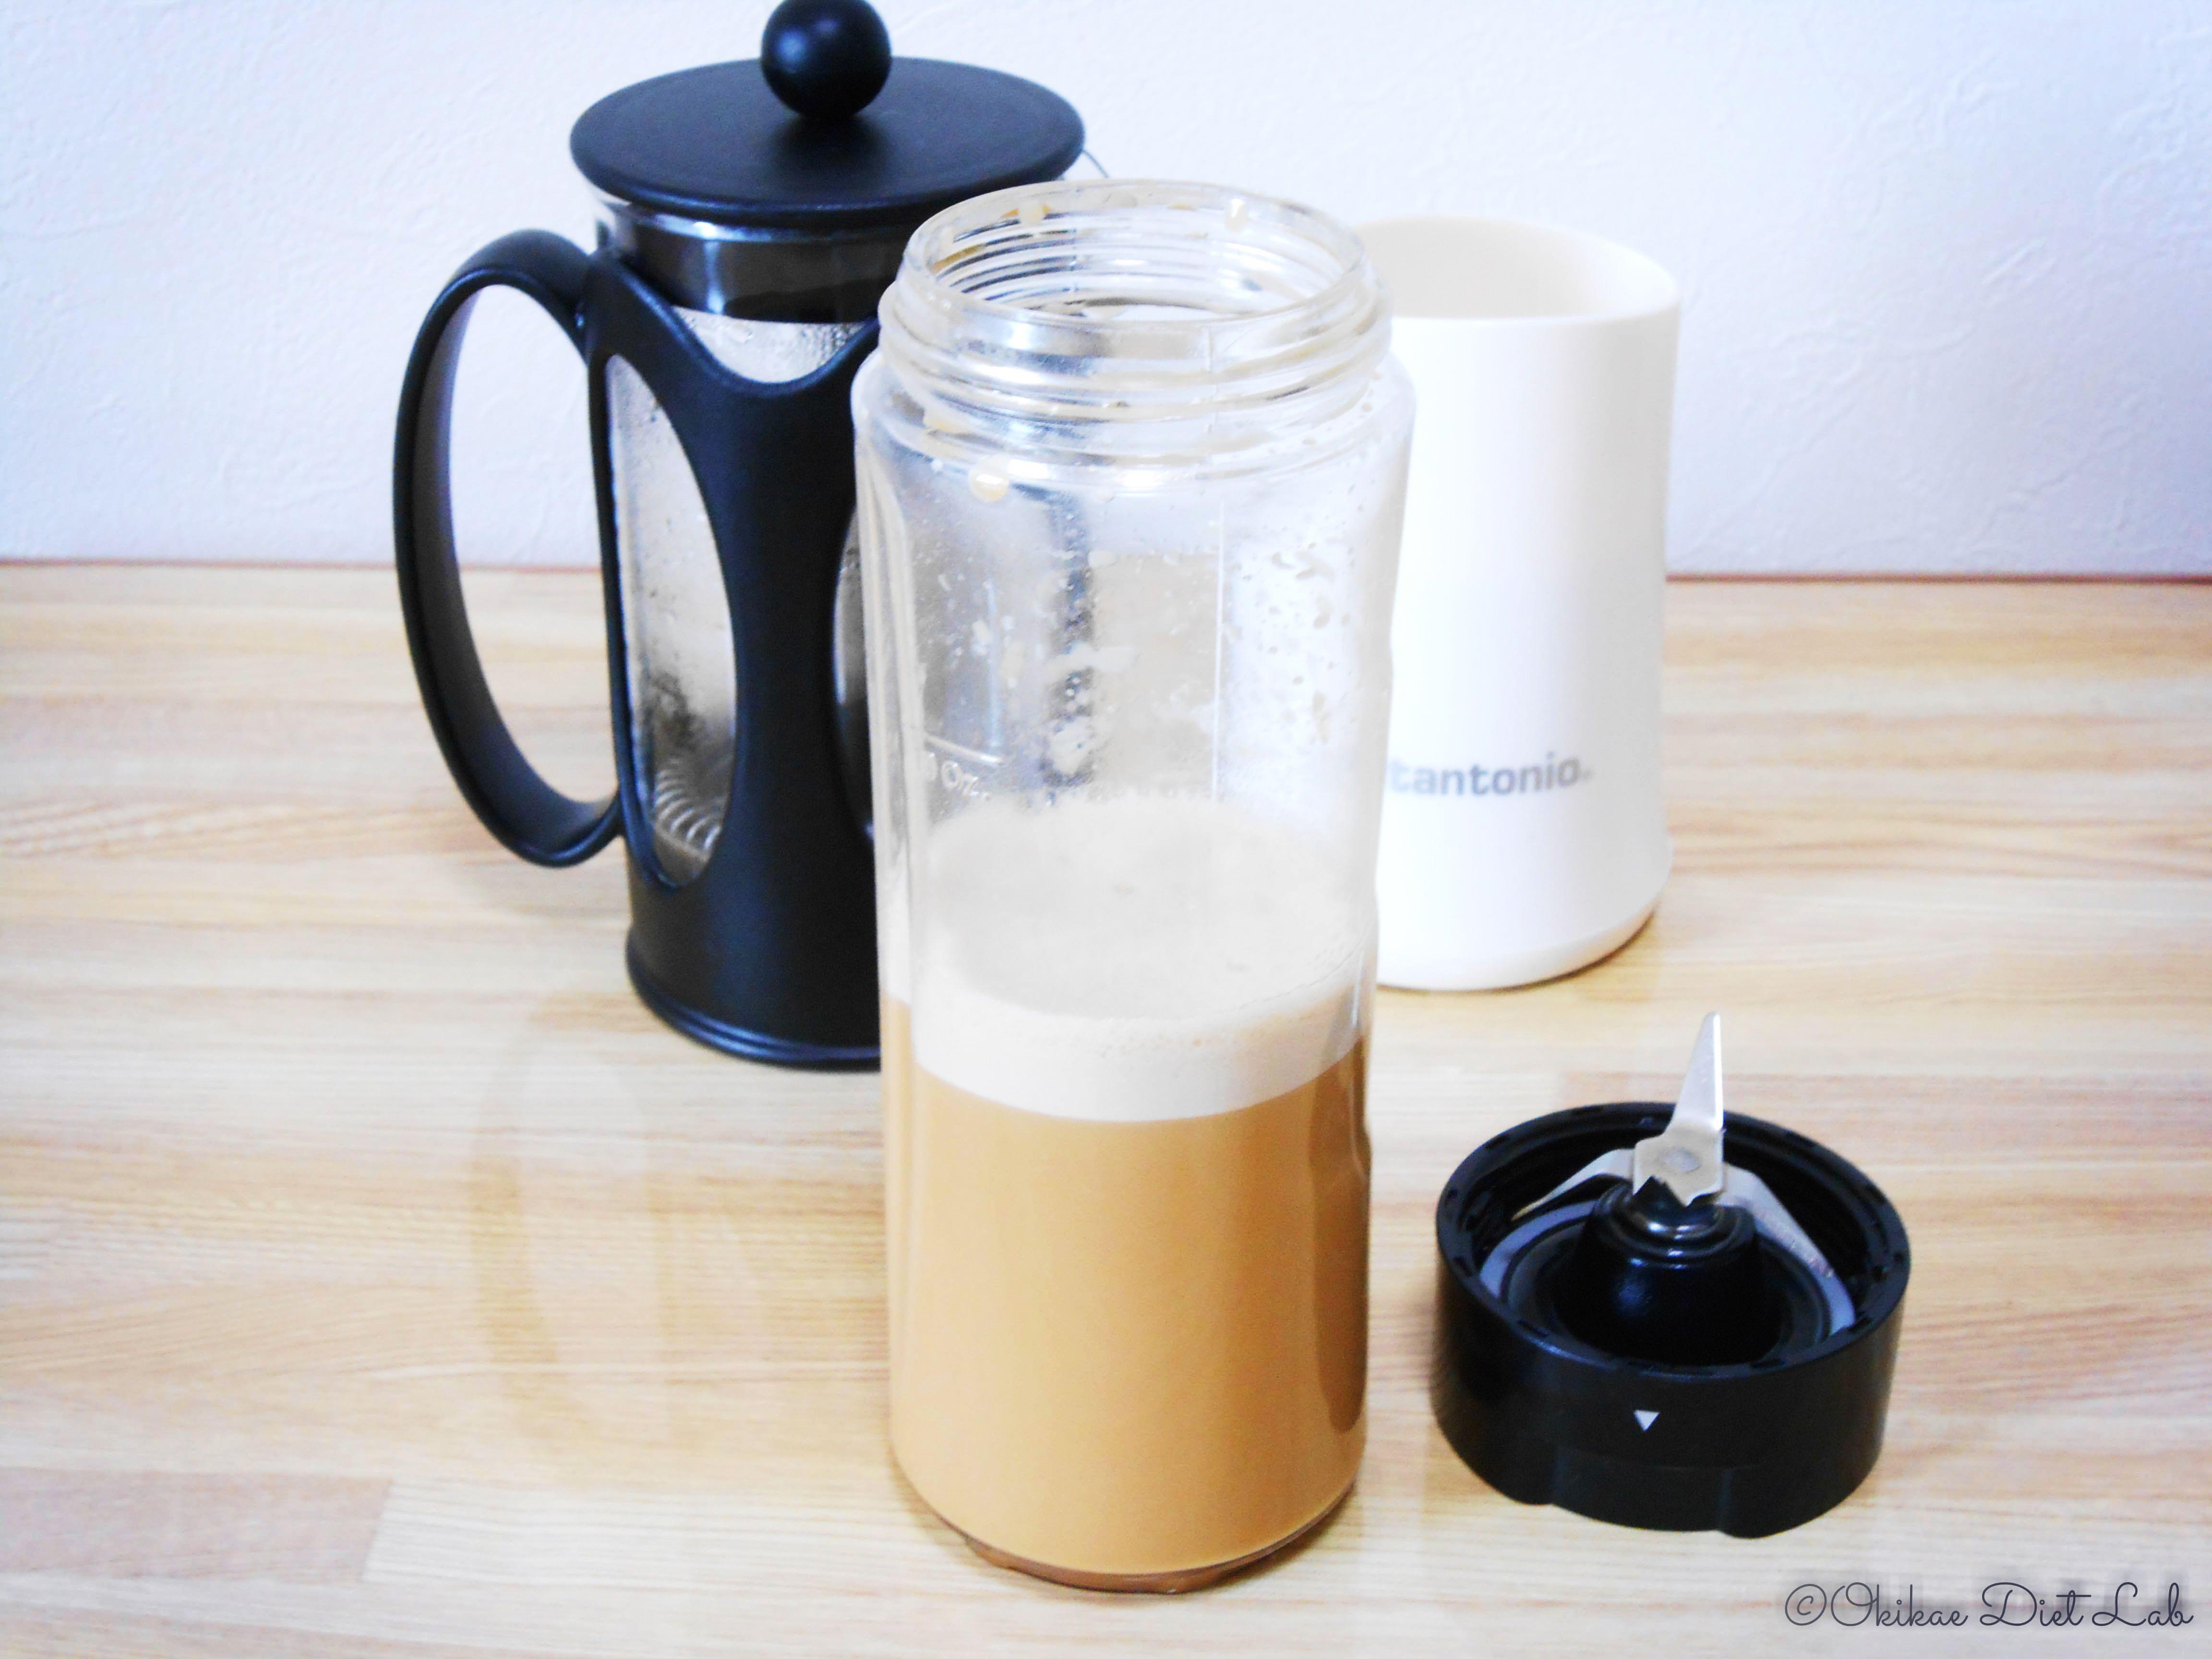 バターコーヒー 完全無欠コーヒー ダイエットのレシピ バターコーヒー コーヒー バター